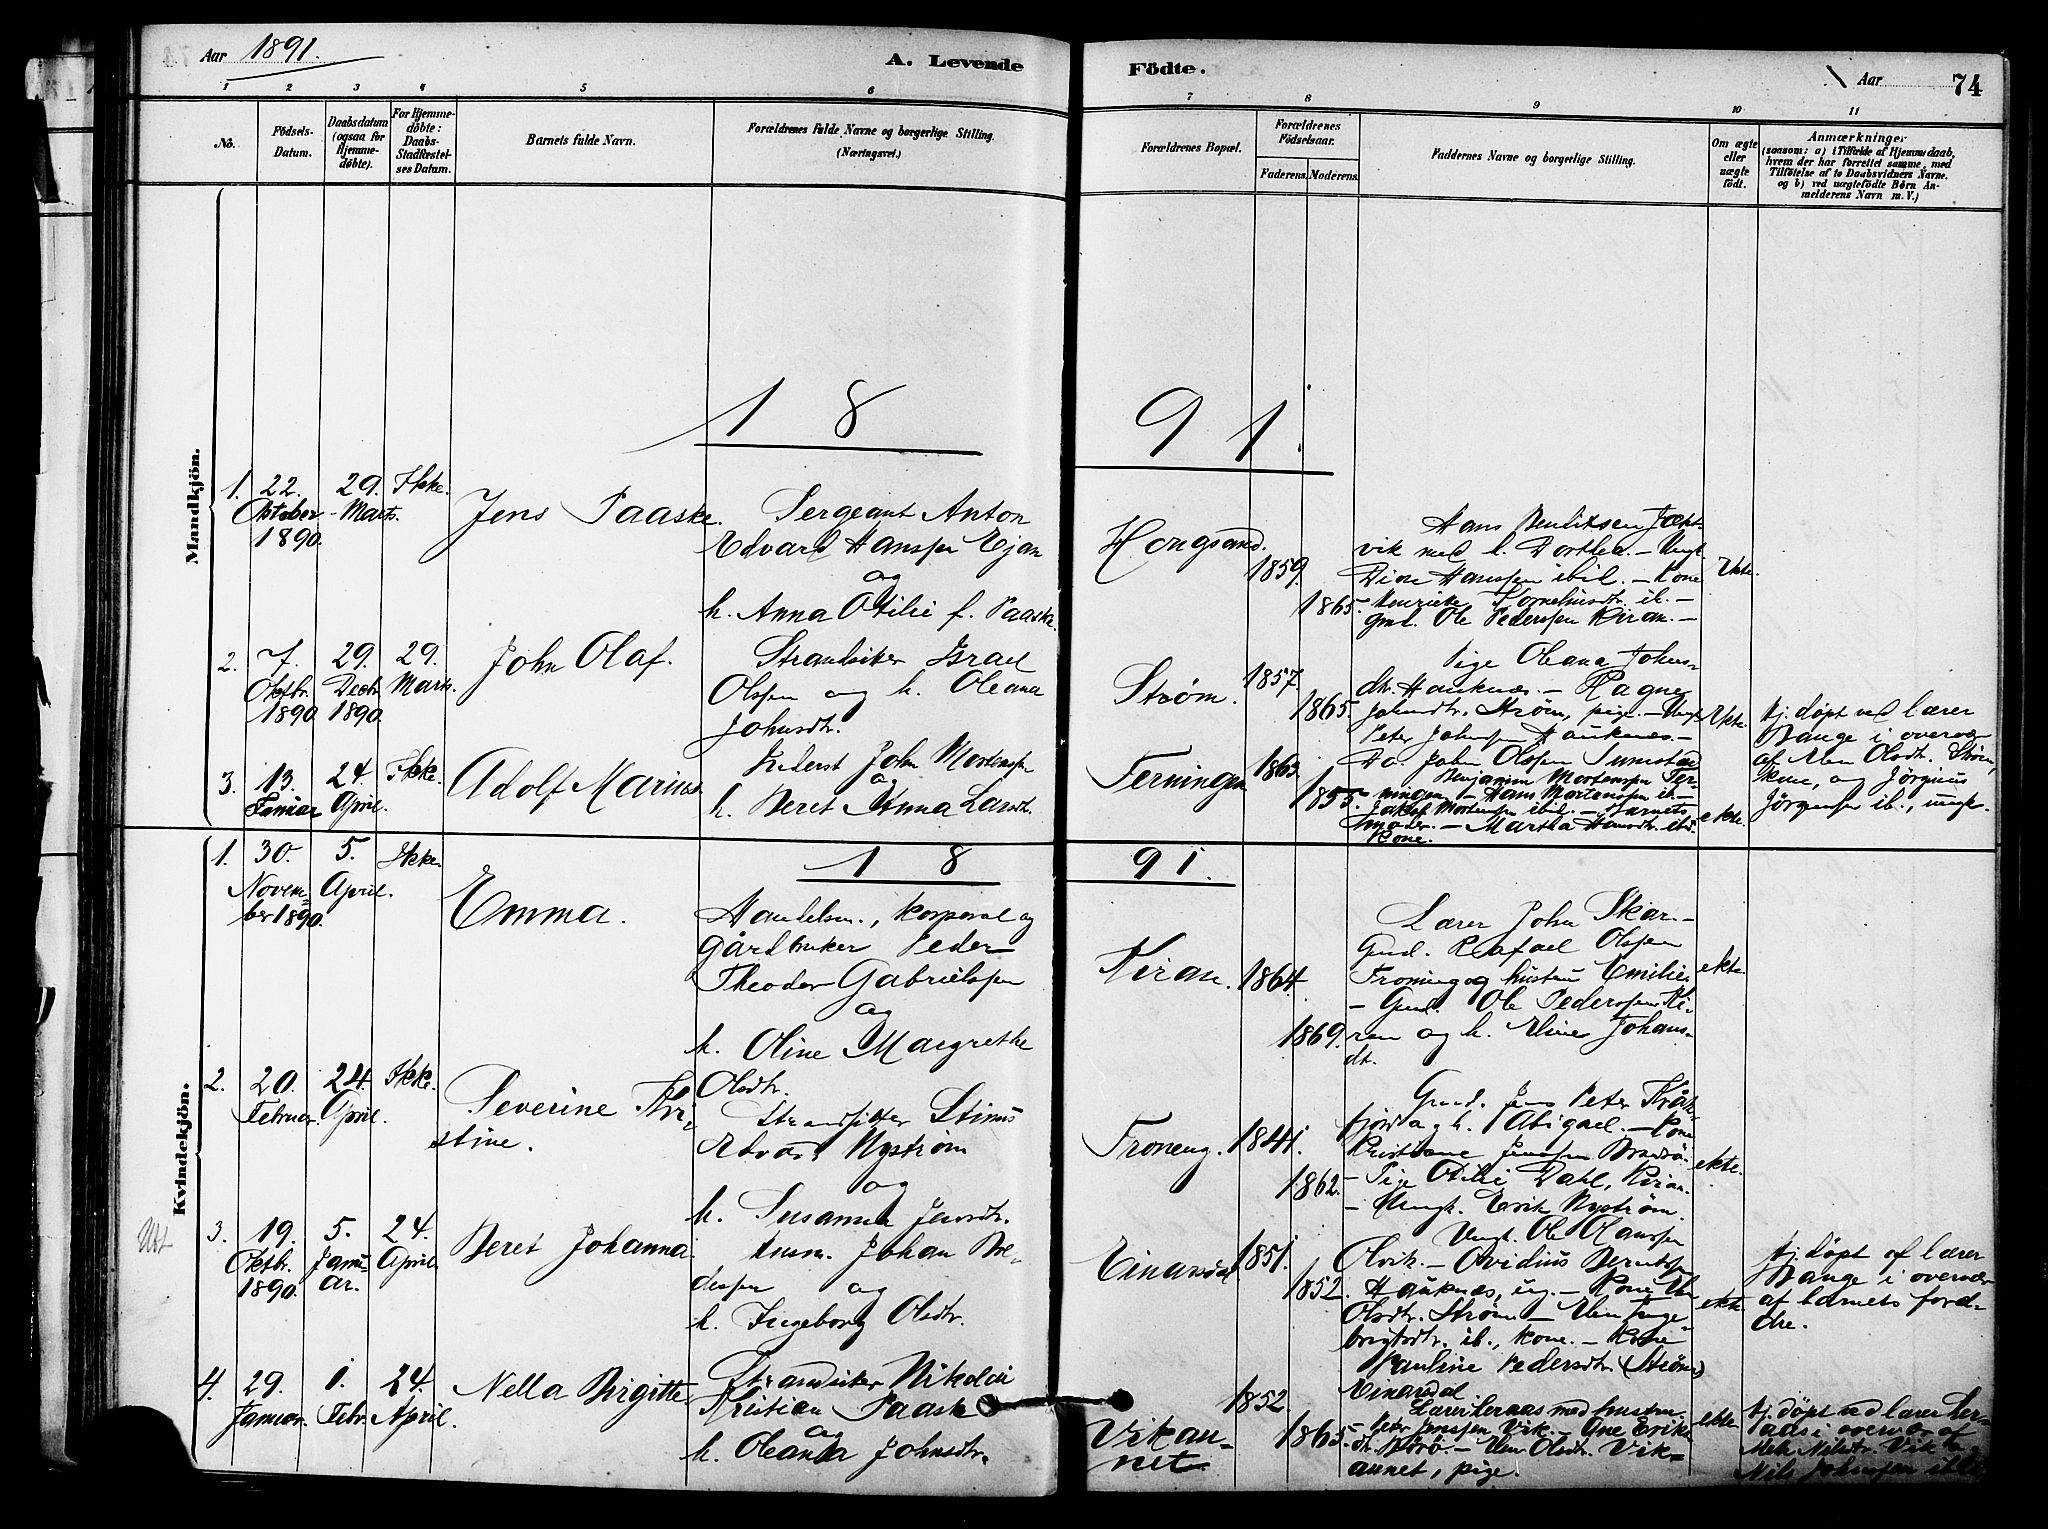 SAT, Ministerialprotokoller, klokkerbøker og fødselsregistre - Sør-Trøndelag, 657/L0707: Ministerialbok nr. 657A08, 1879-1893, s. 74